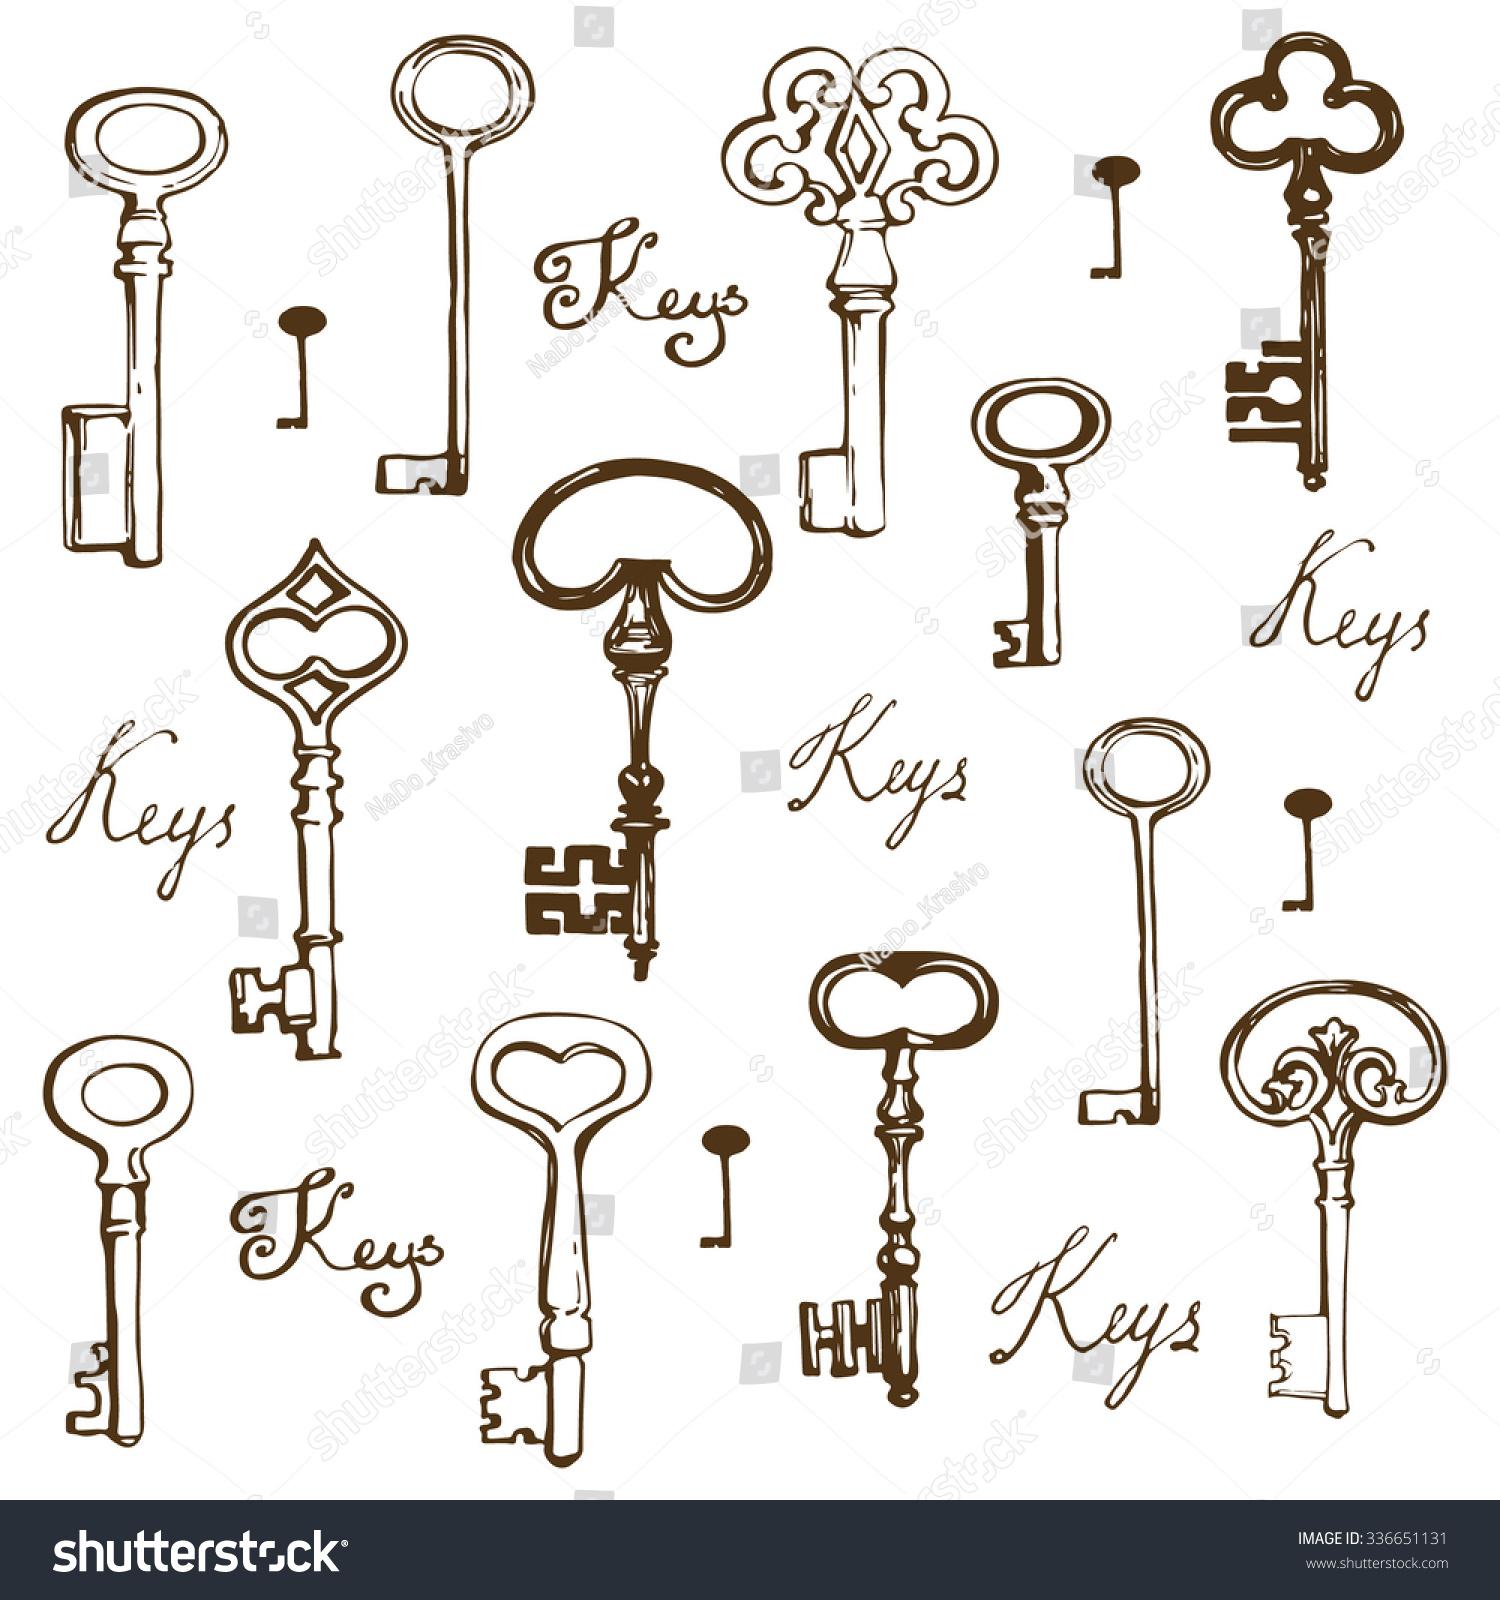 Vector Key Illustration: Hand Drawn Keys Set Vector Illustration Stock Vector